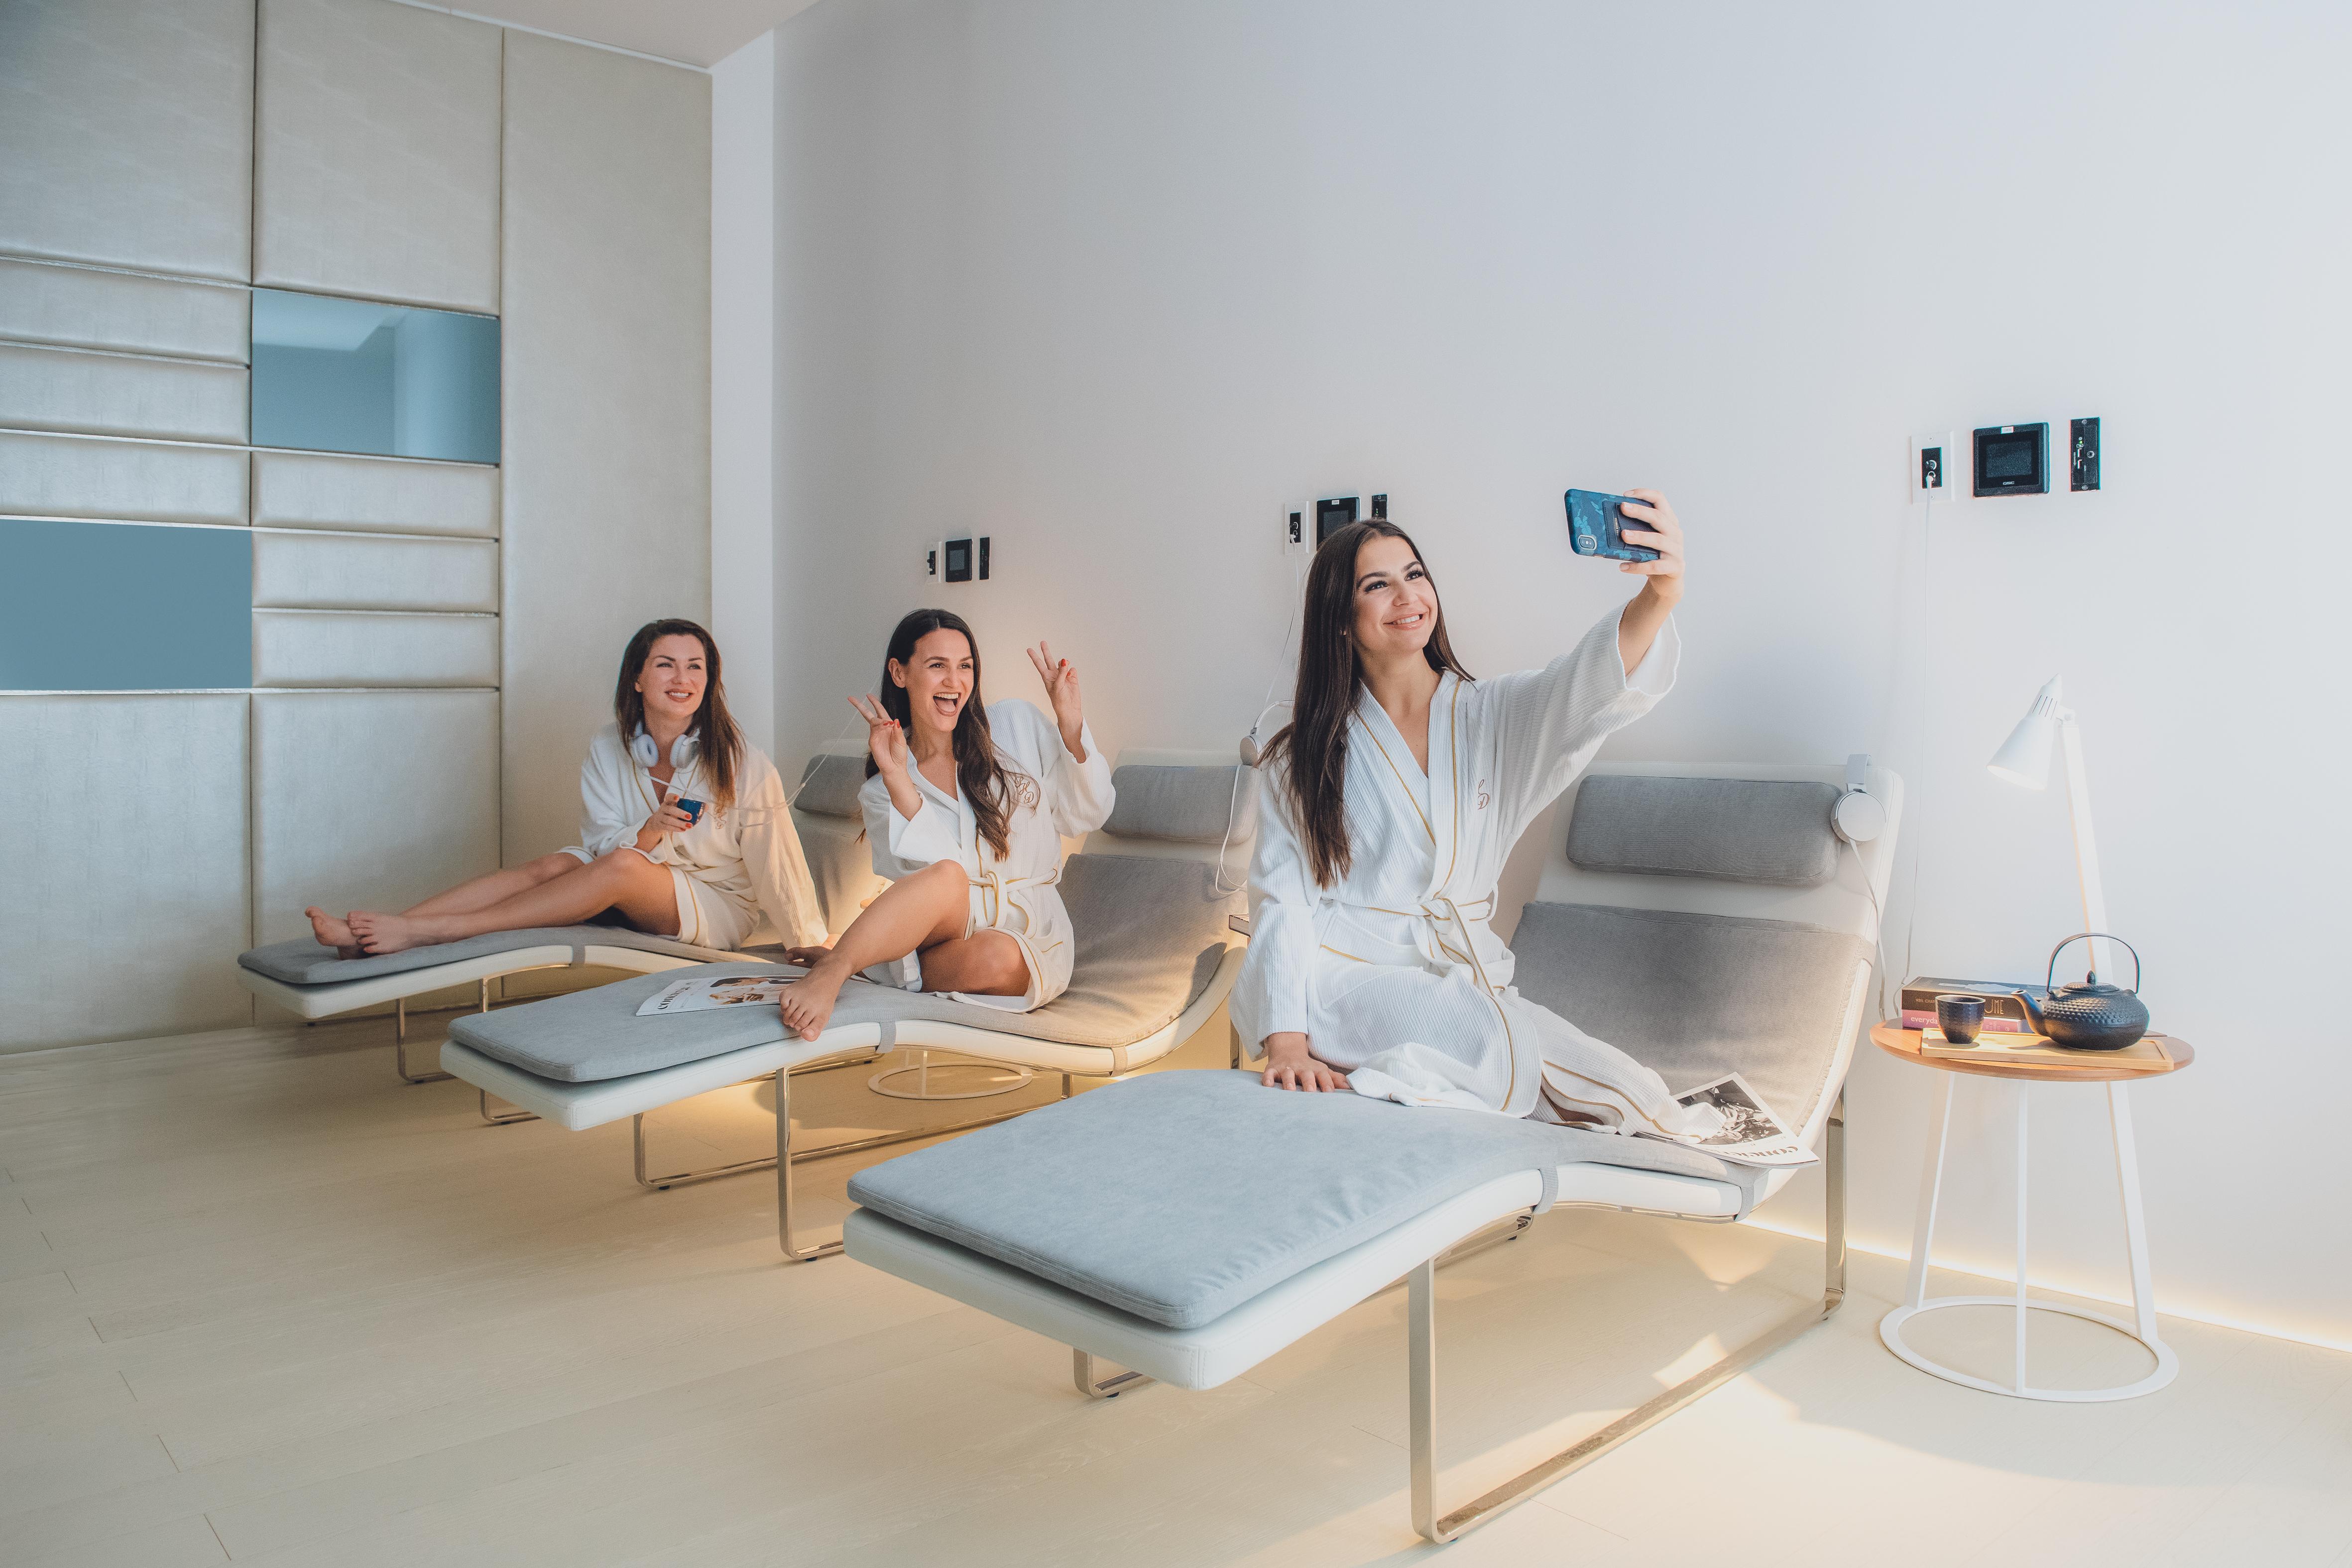 Spa Treatment at Paramount Hotel Dubai